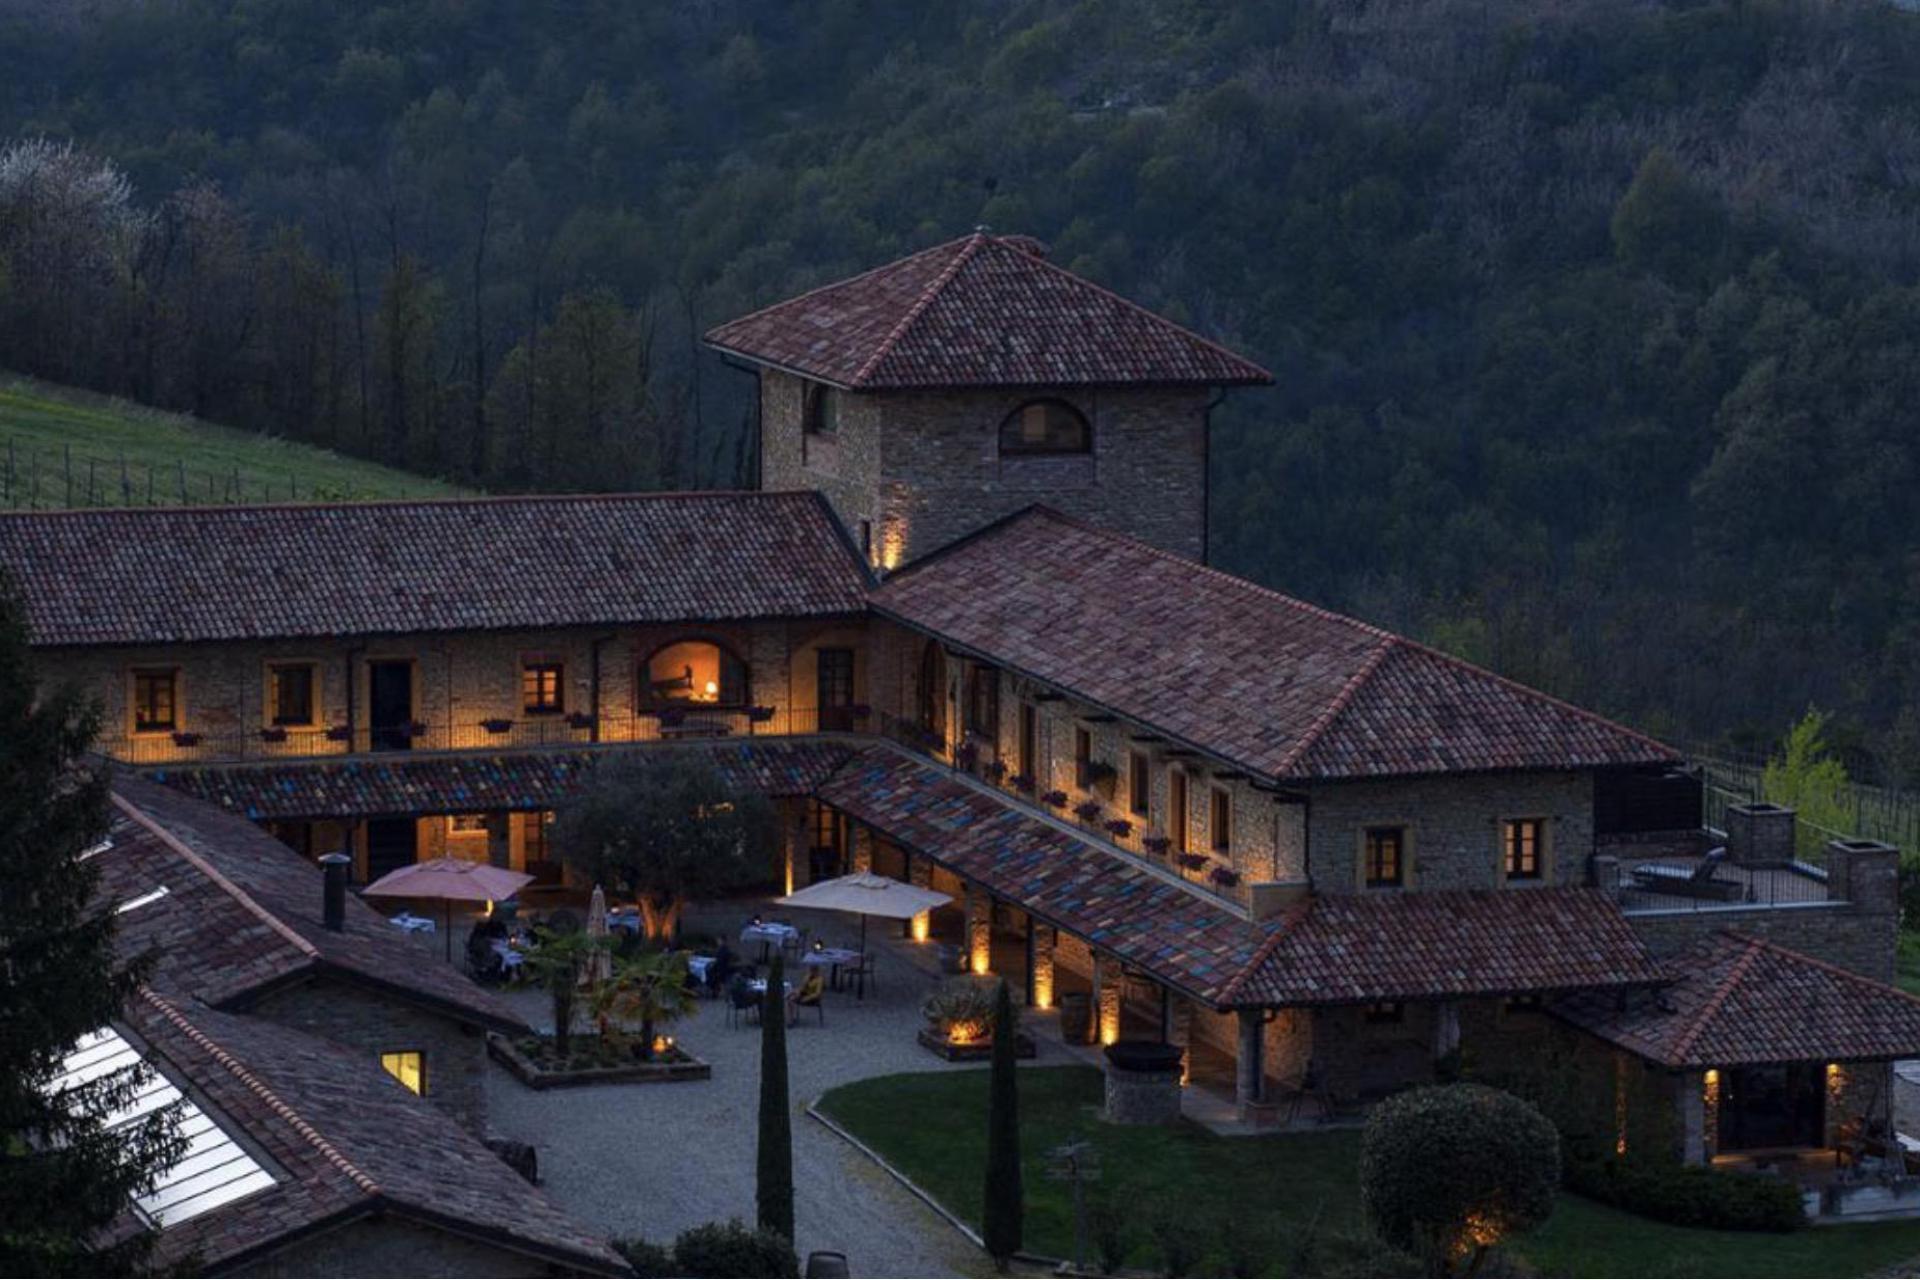 Agriturismo Piemonte Agriturismo in het hart van Piemonte voor pure ontspanning